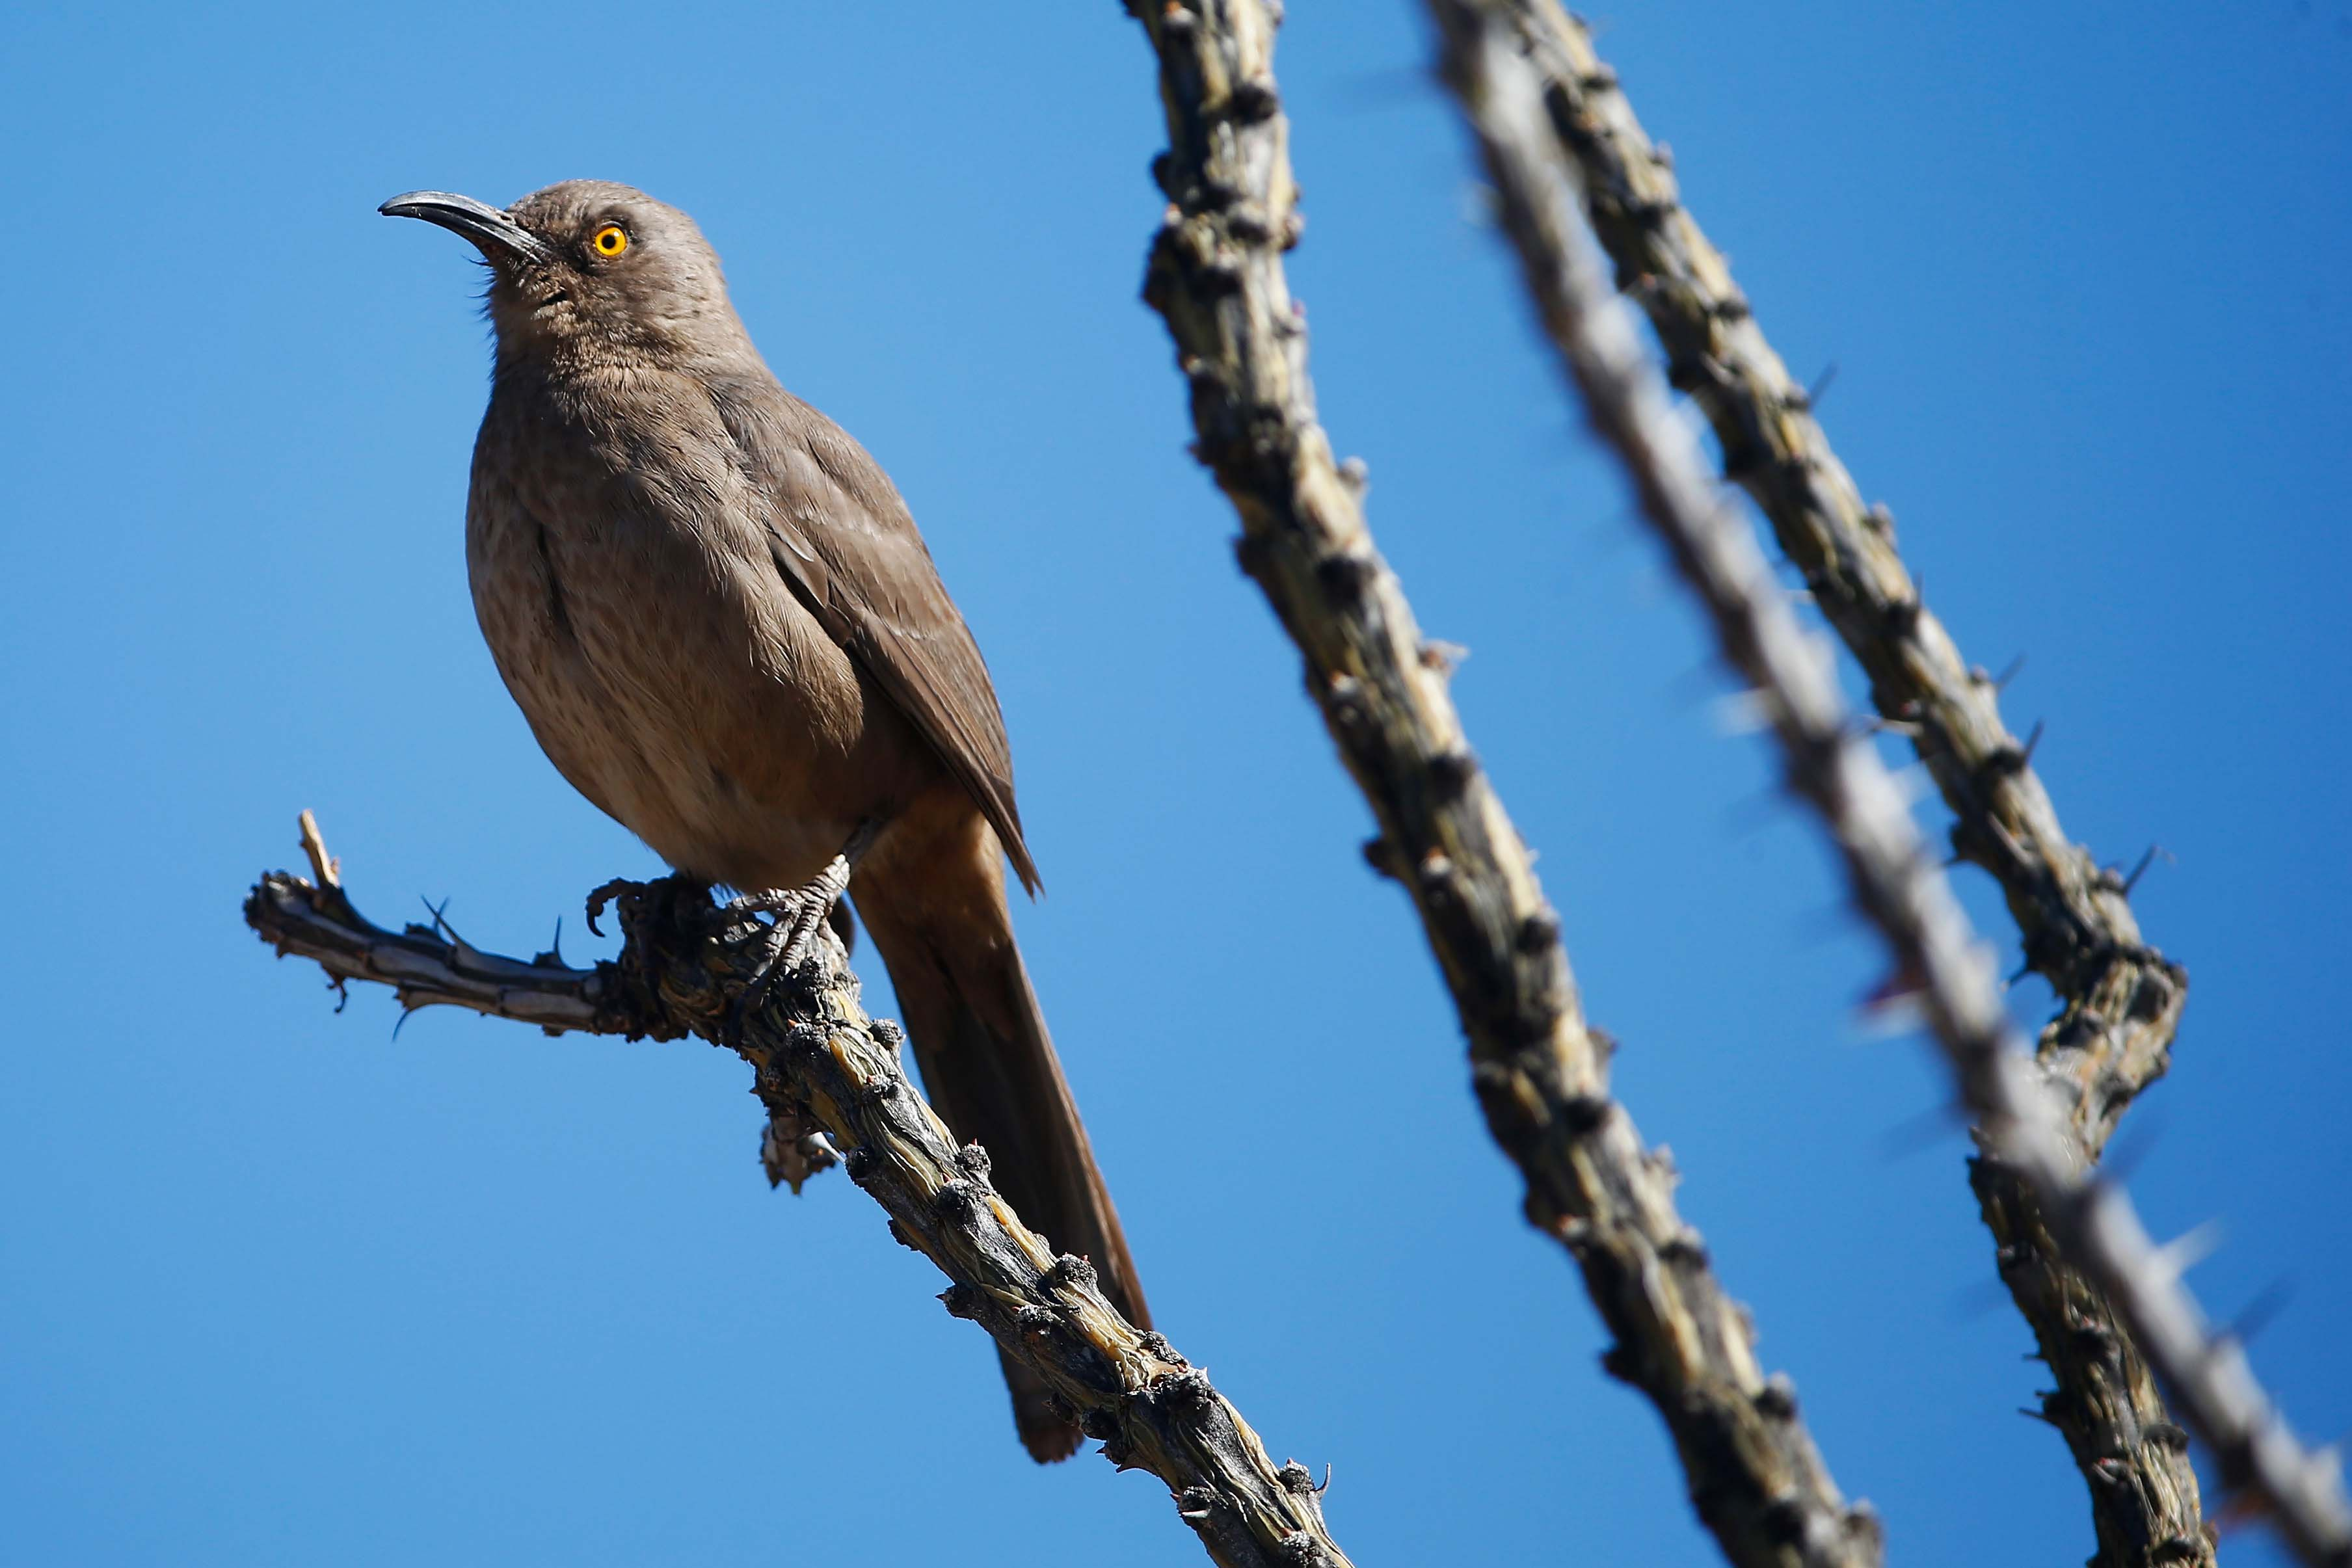 Watch the birdie